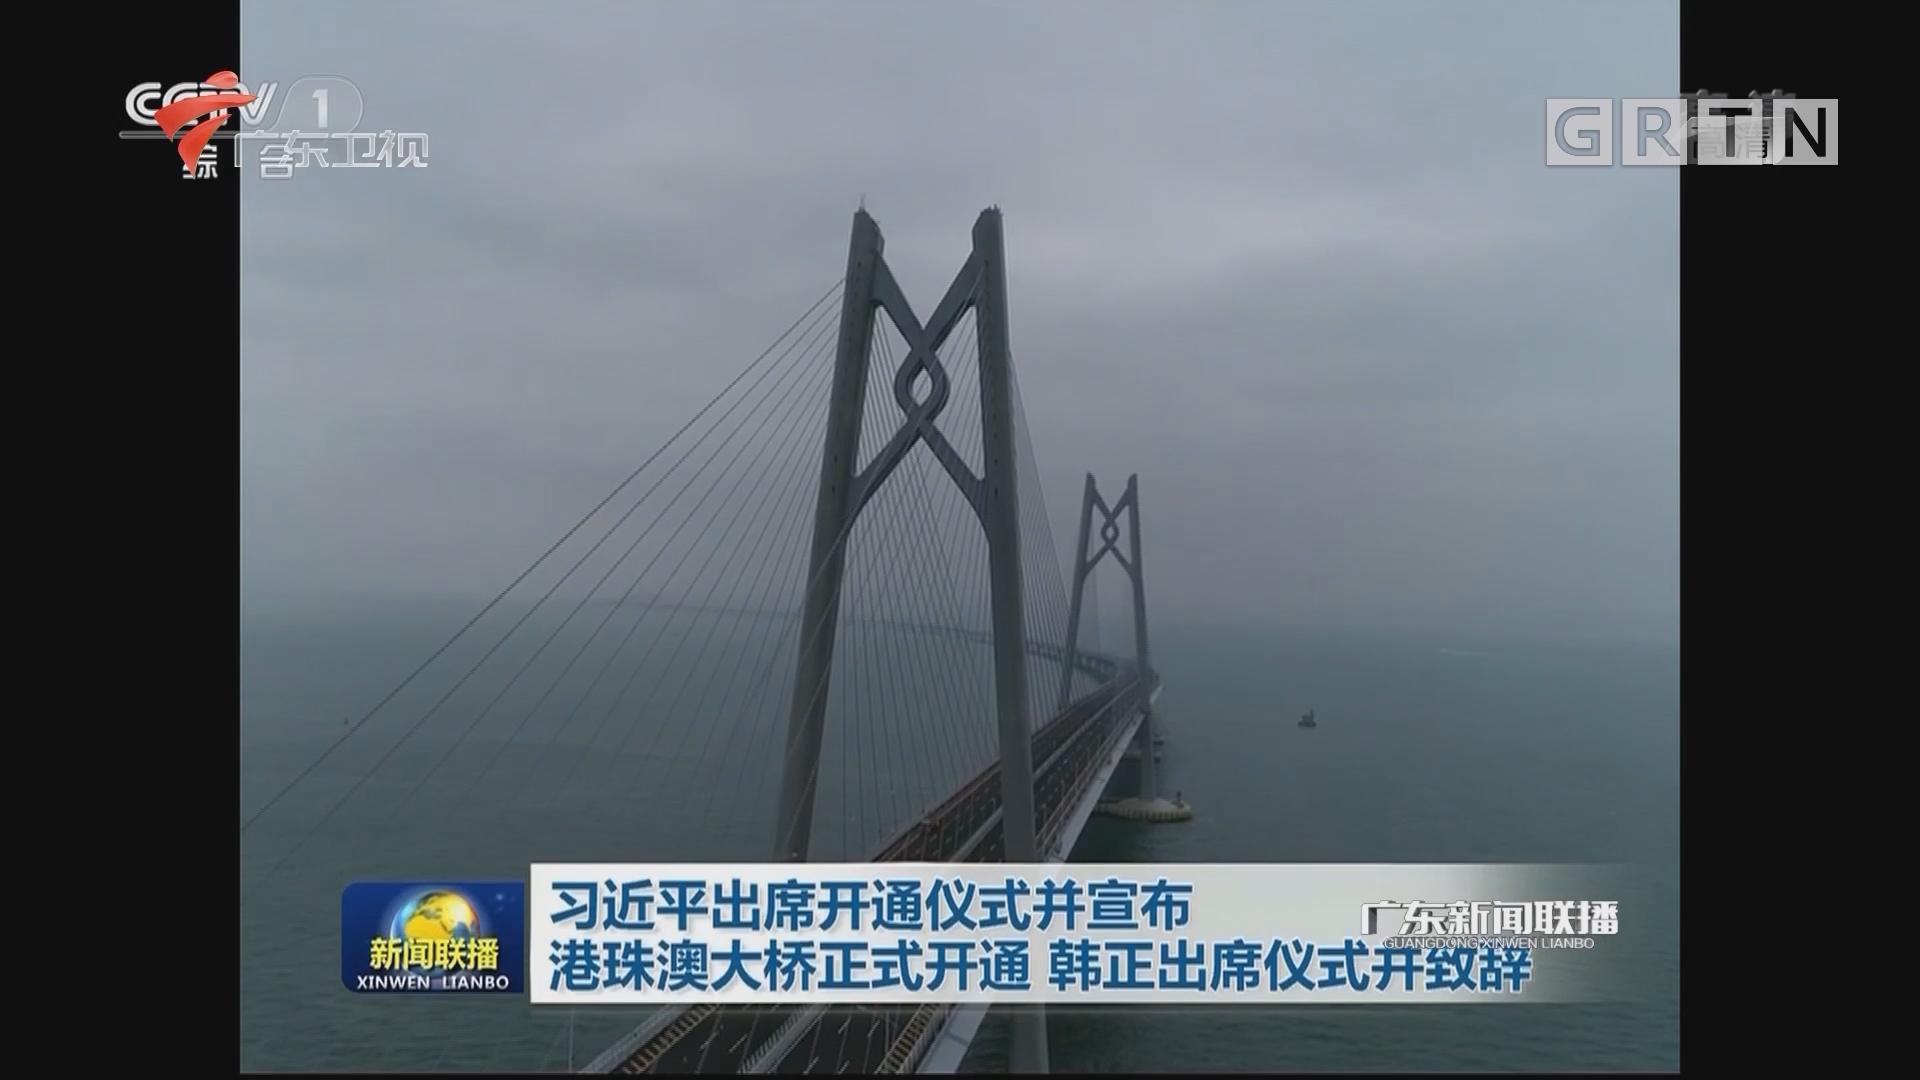 习近平出席开通仪式并宣布港珠澳大桥正式开通 韩正出席仪式并致辞